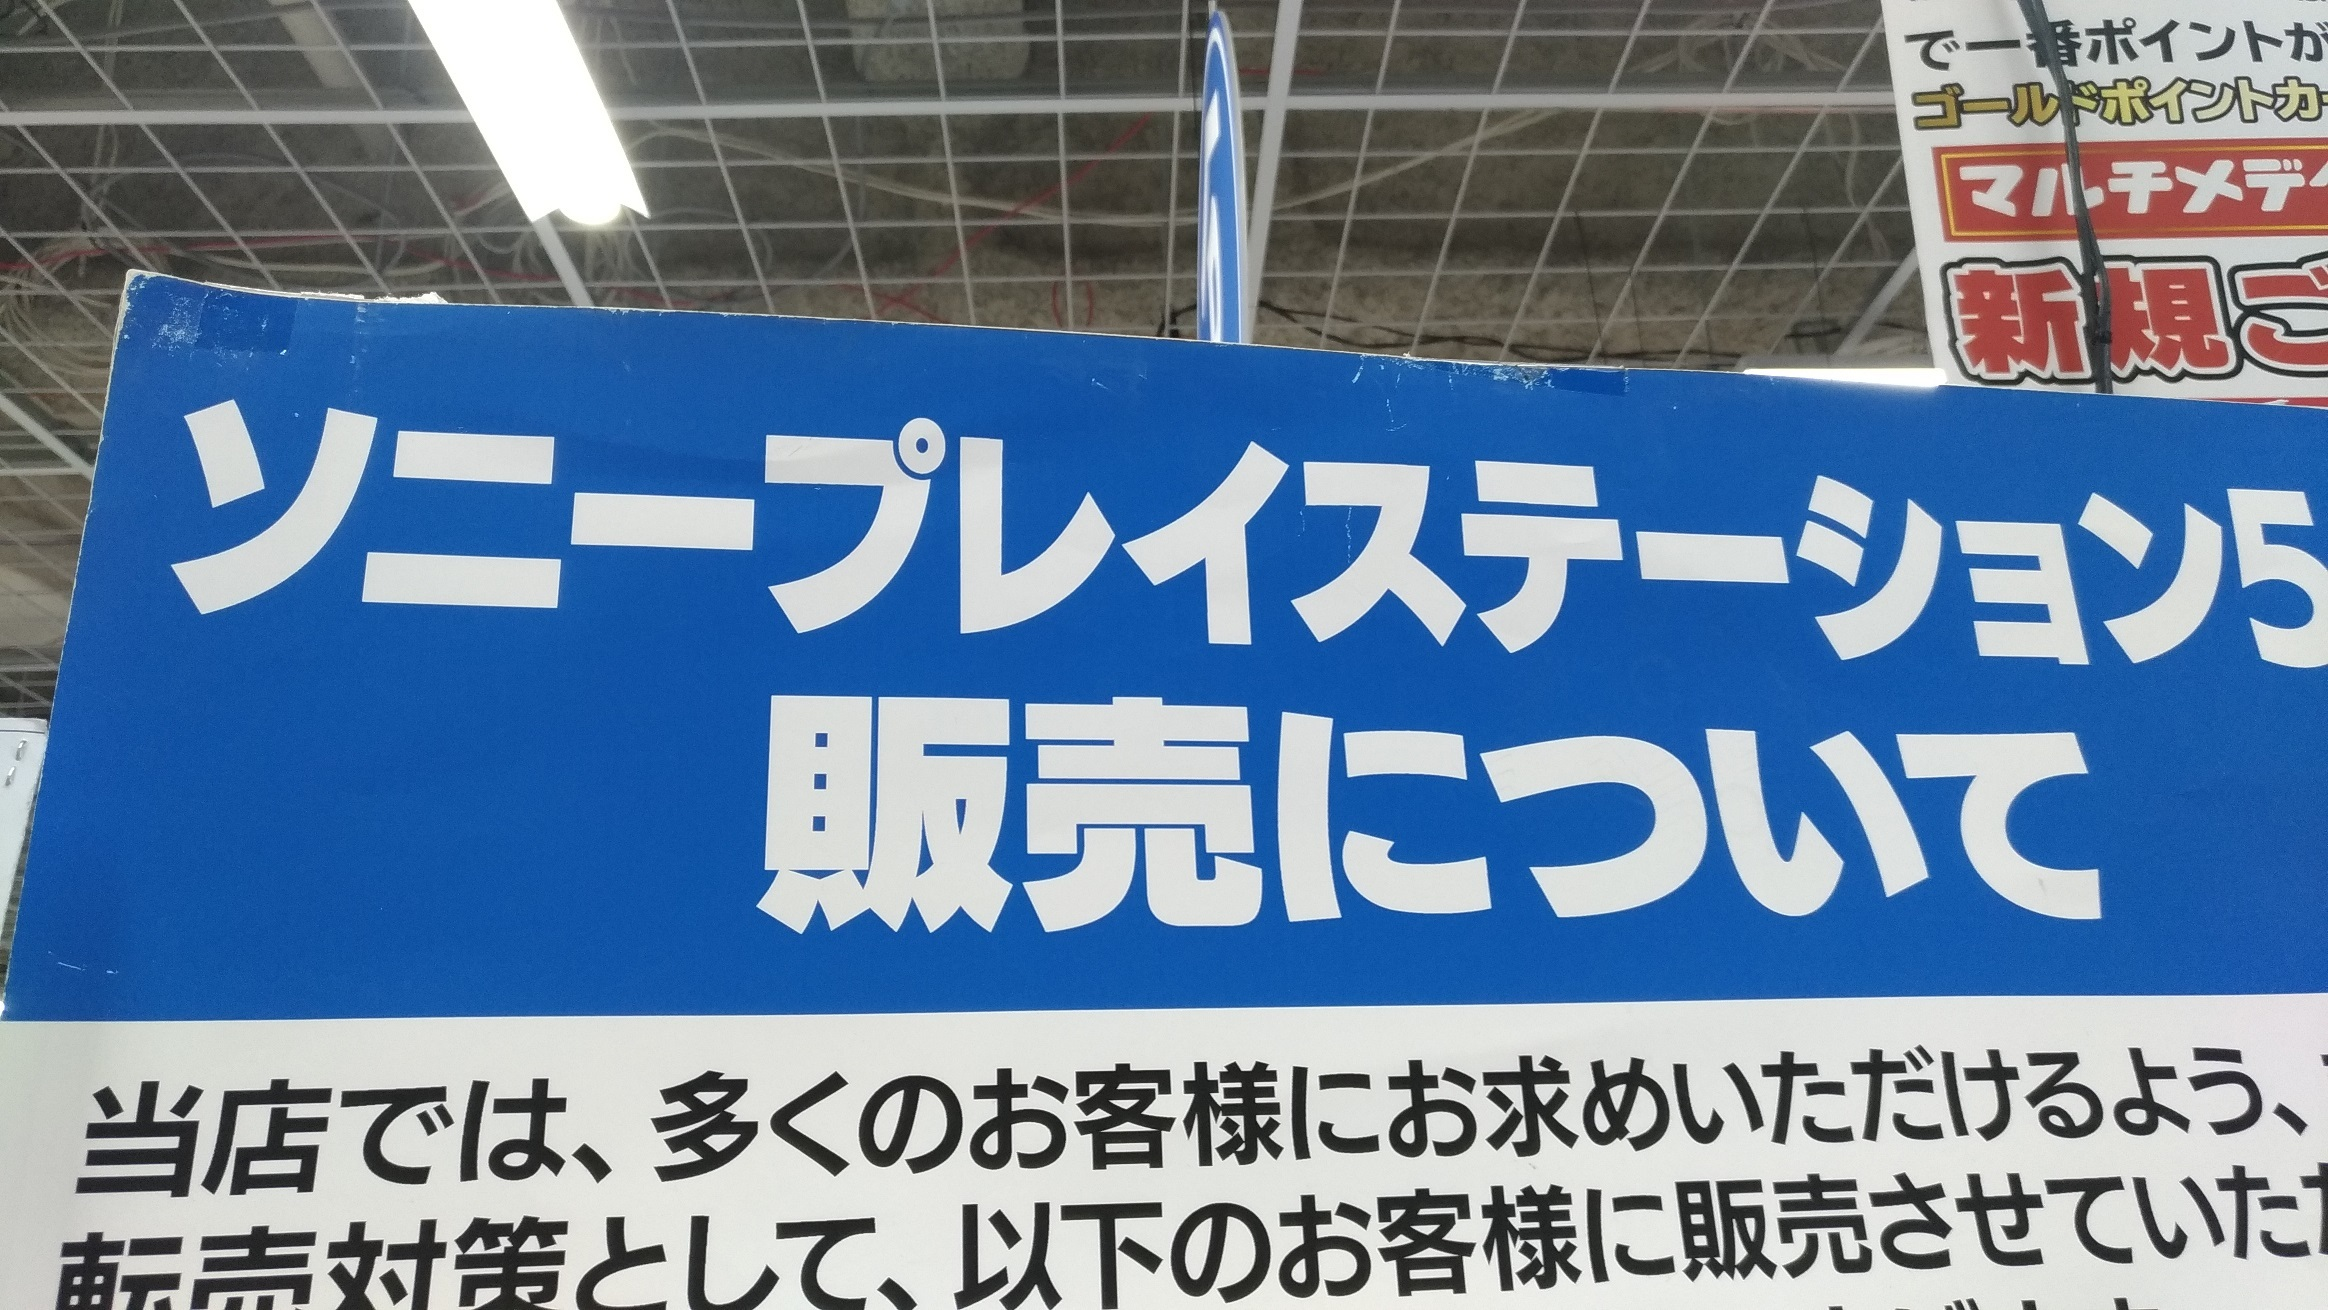 01_ps5_umeda_0724_12.jpg